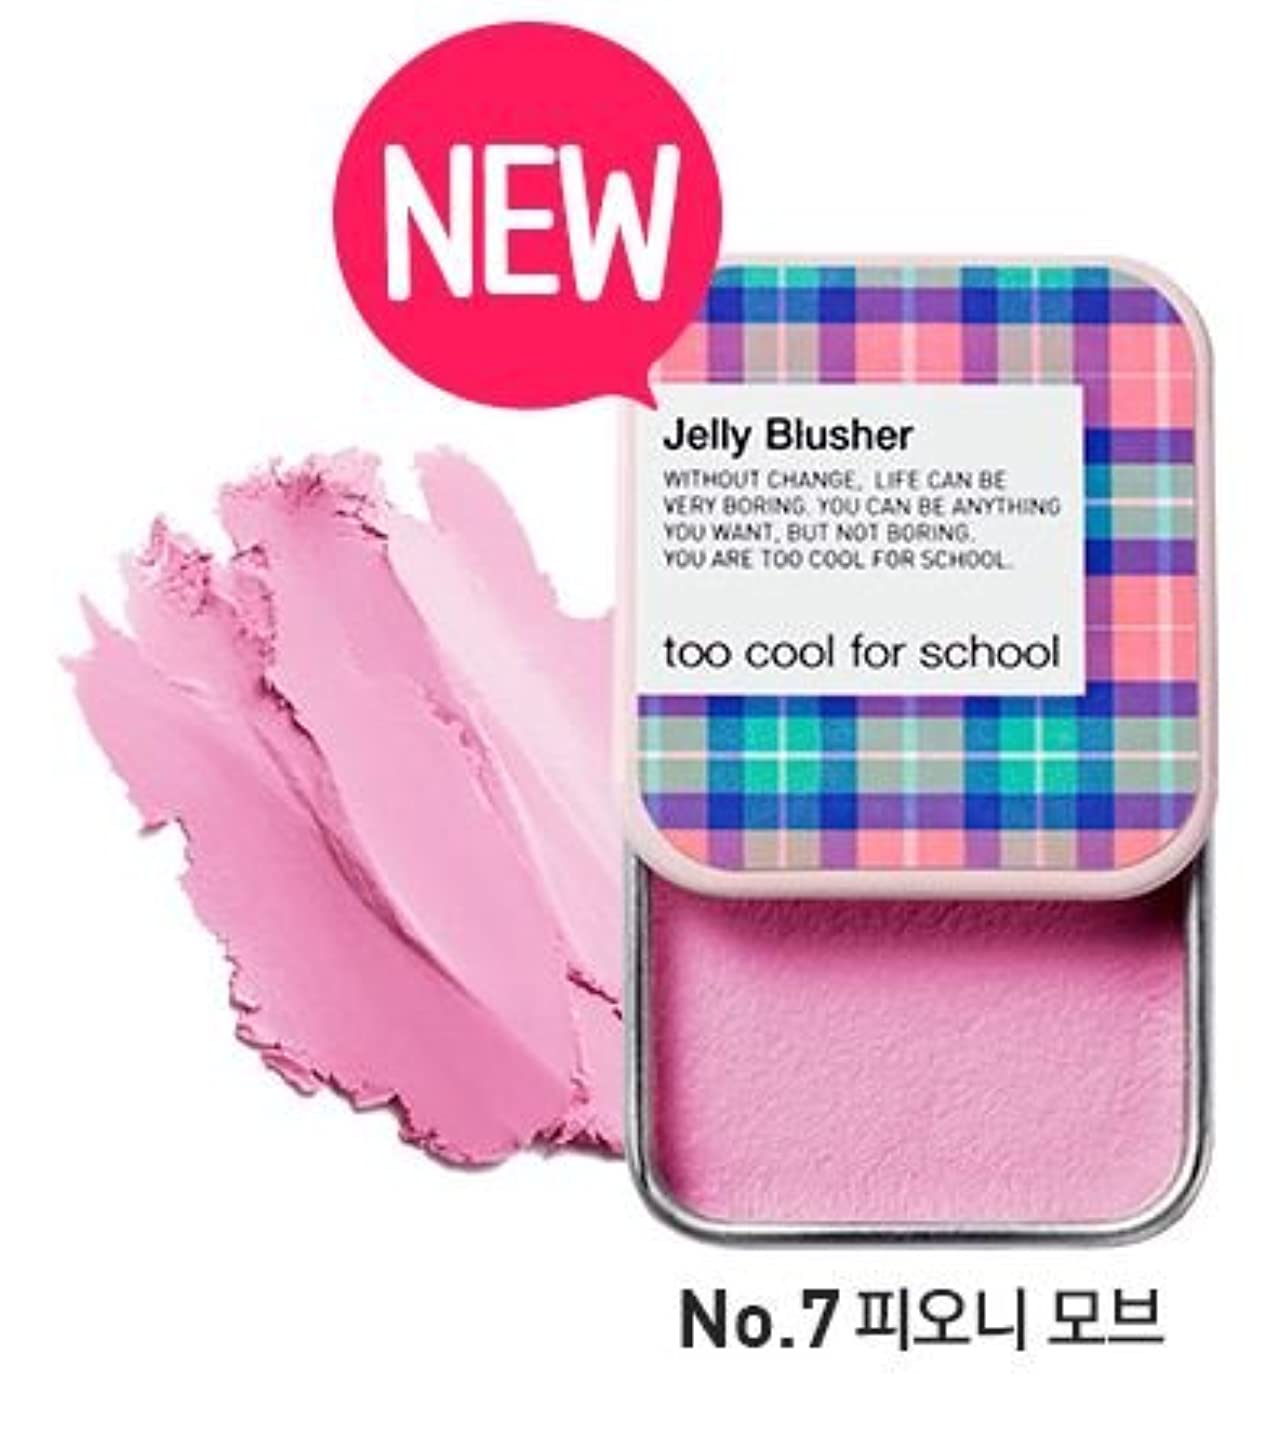 エキスパート幸福兄トゥークールフォ―スクール(too cool for school) Check Jelly Blusher 8g (#7 ピオニーモーブ) [並行輸入品]